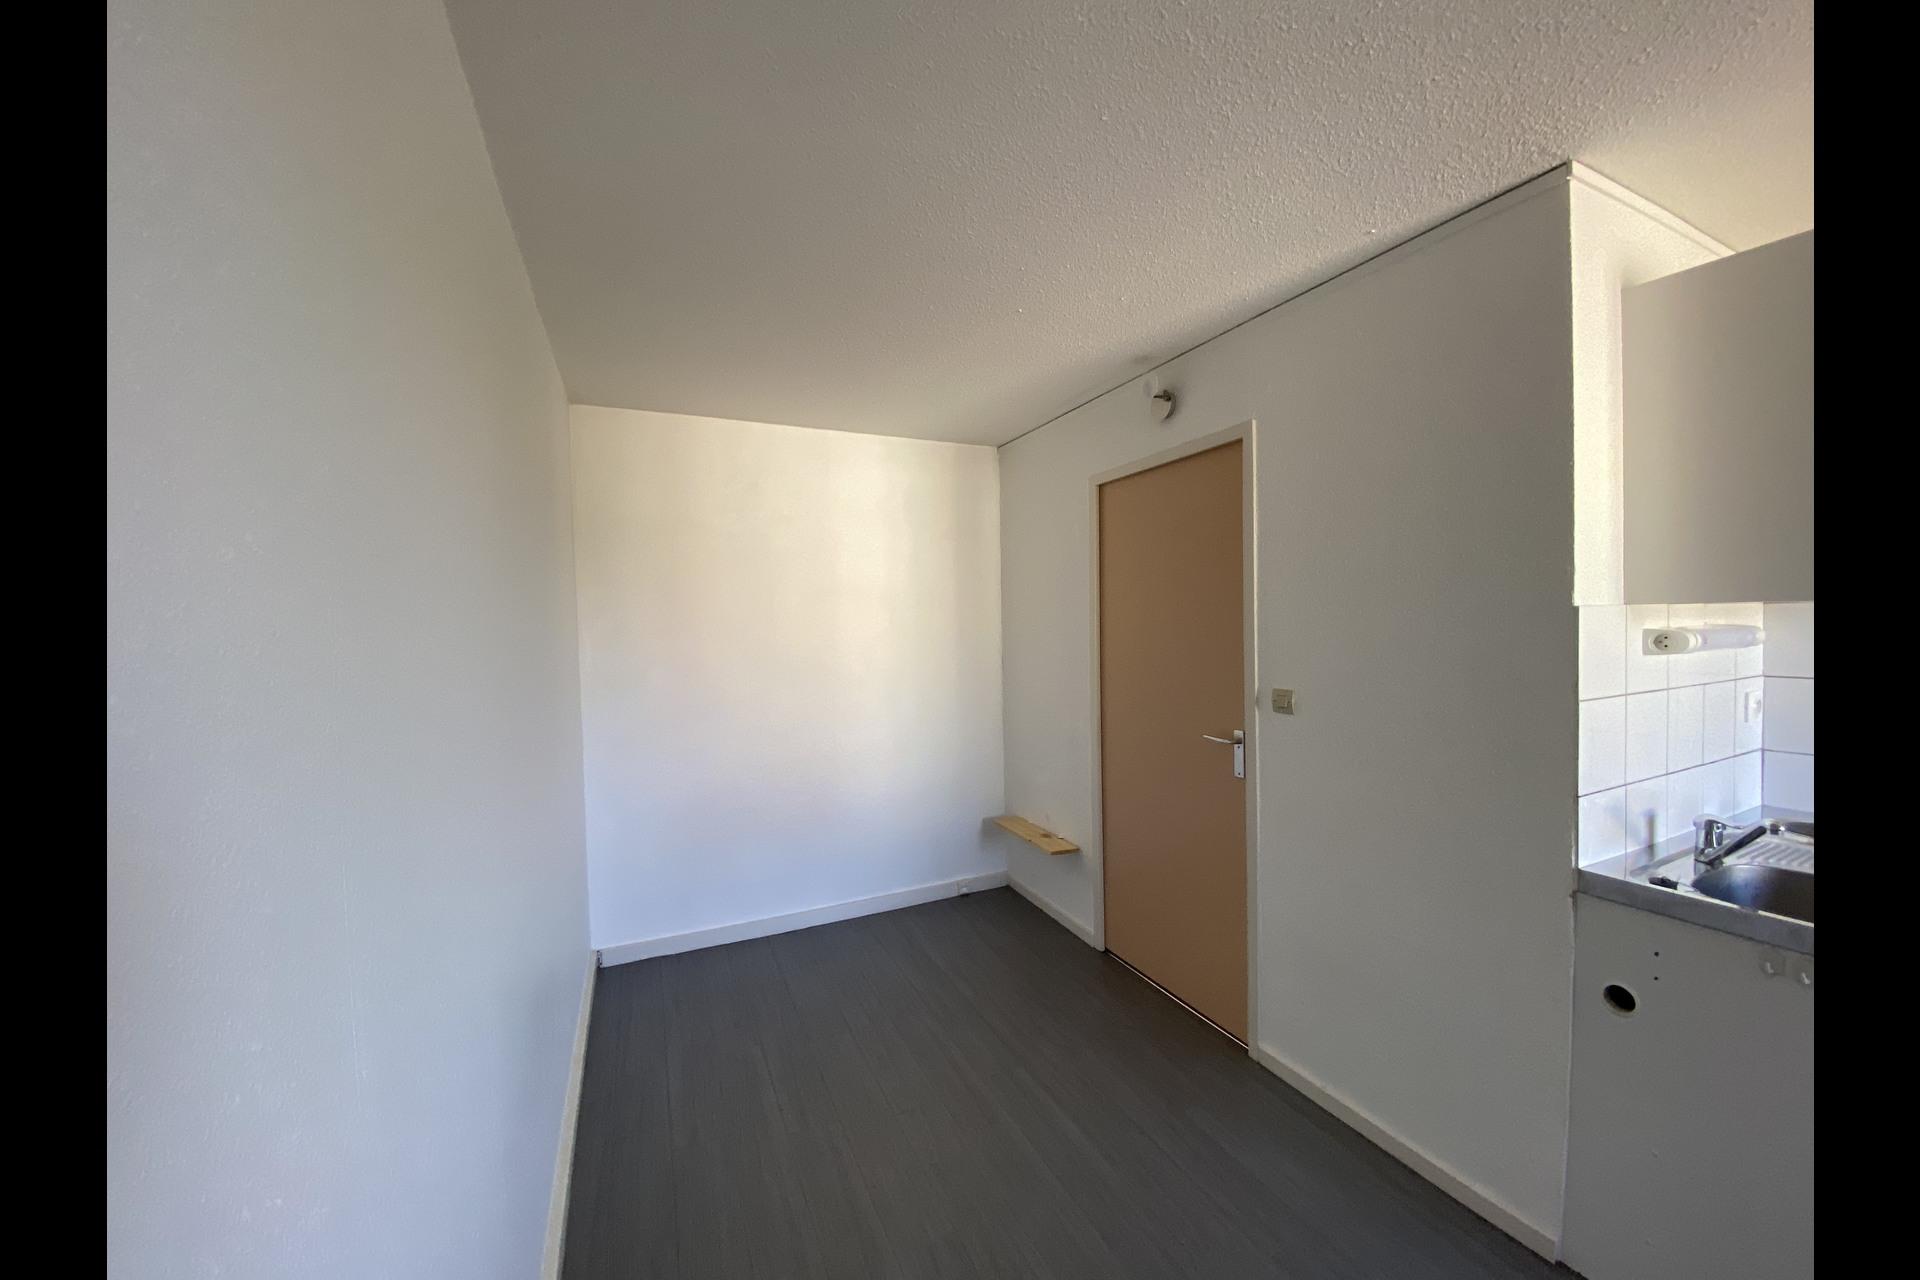 image 4 - Appartement À louer VANDOEUVRE LES NANCY VANDOEUVRE  BRABOIS  - 1 pièce